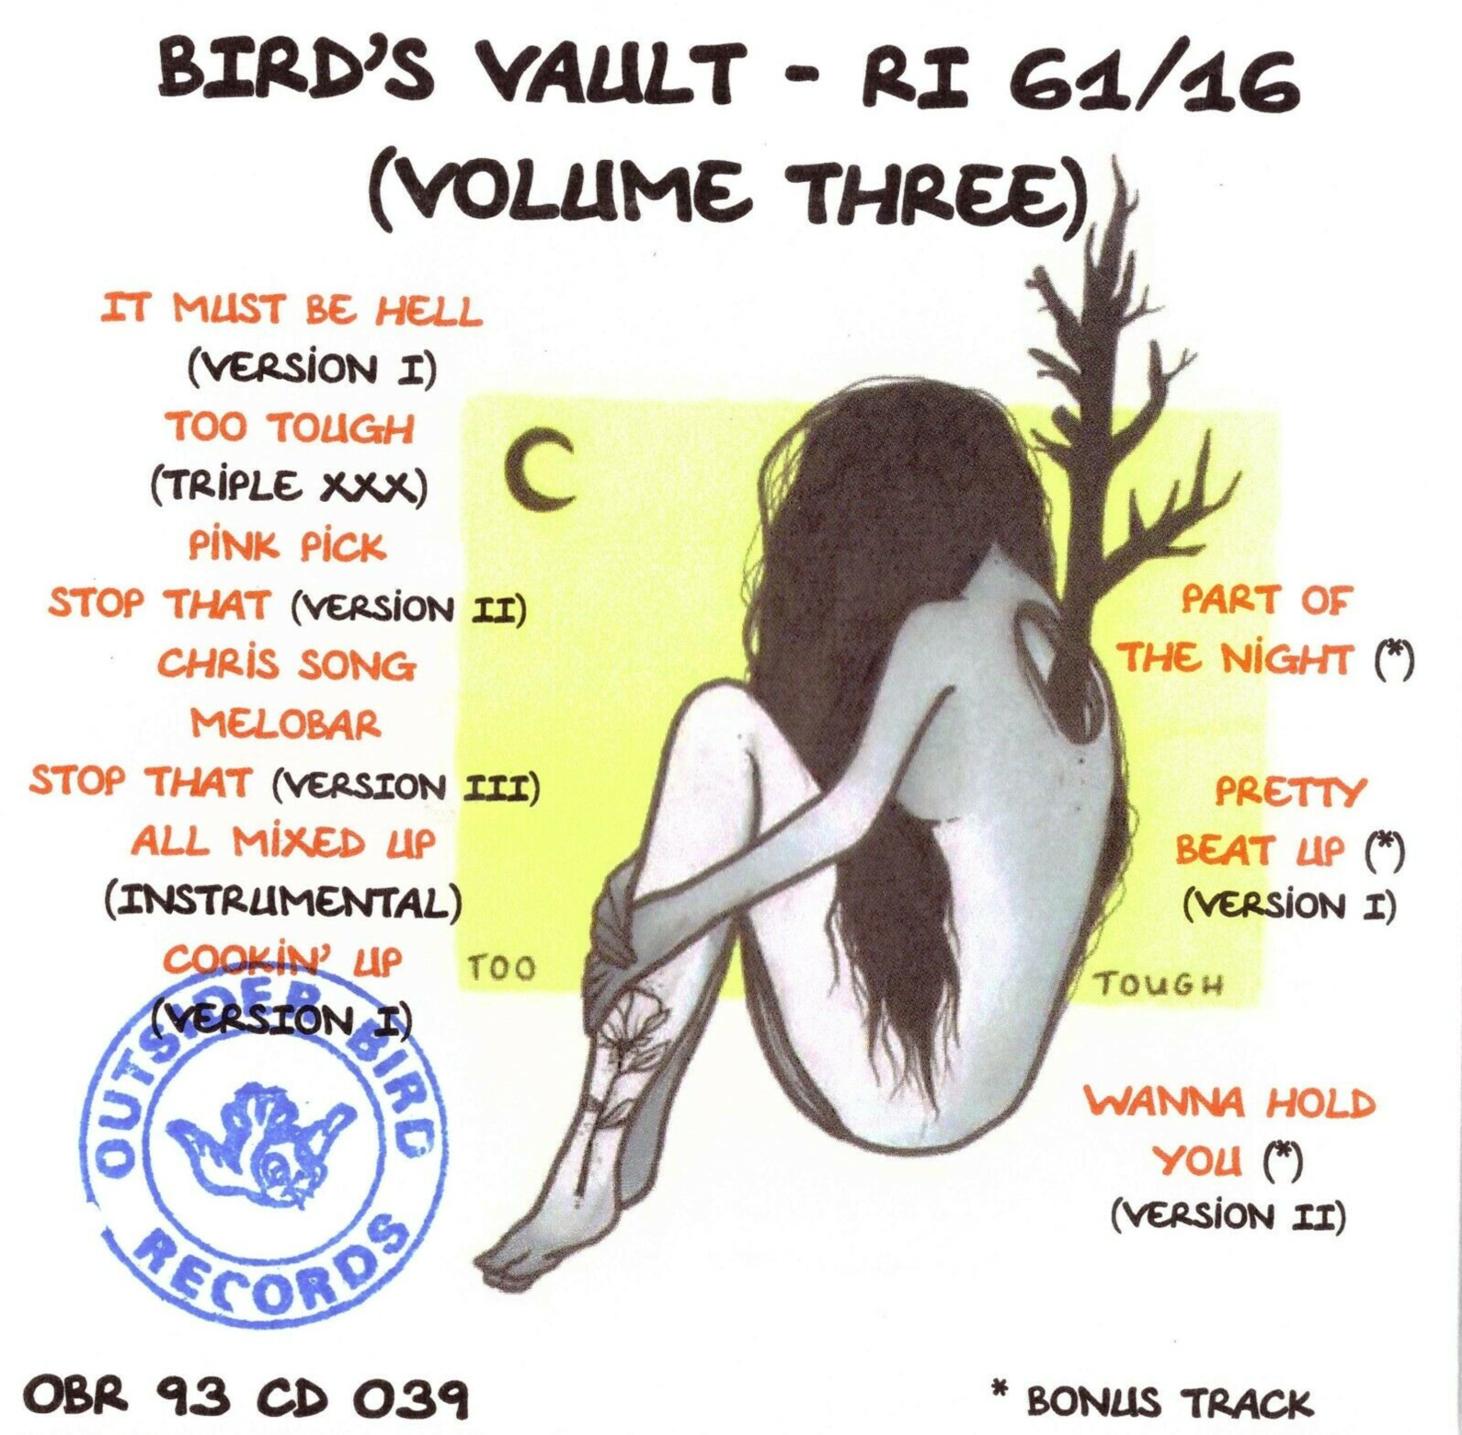 Bootleg CDs